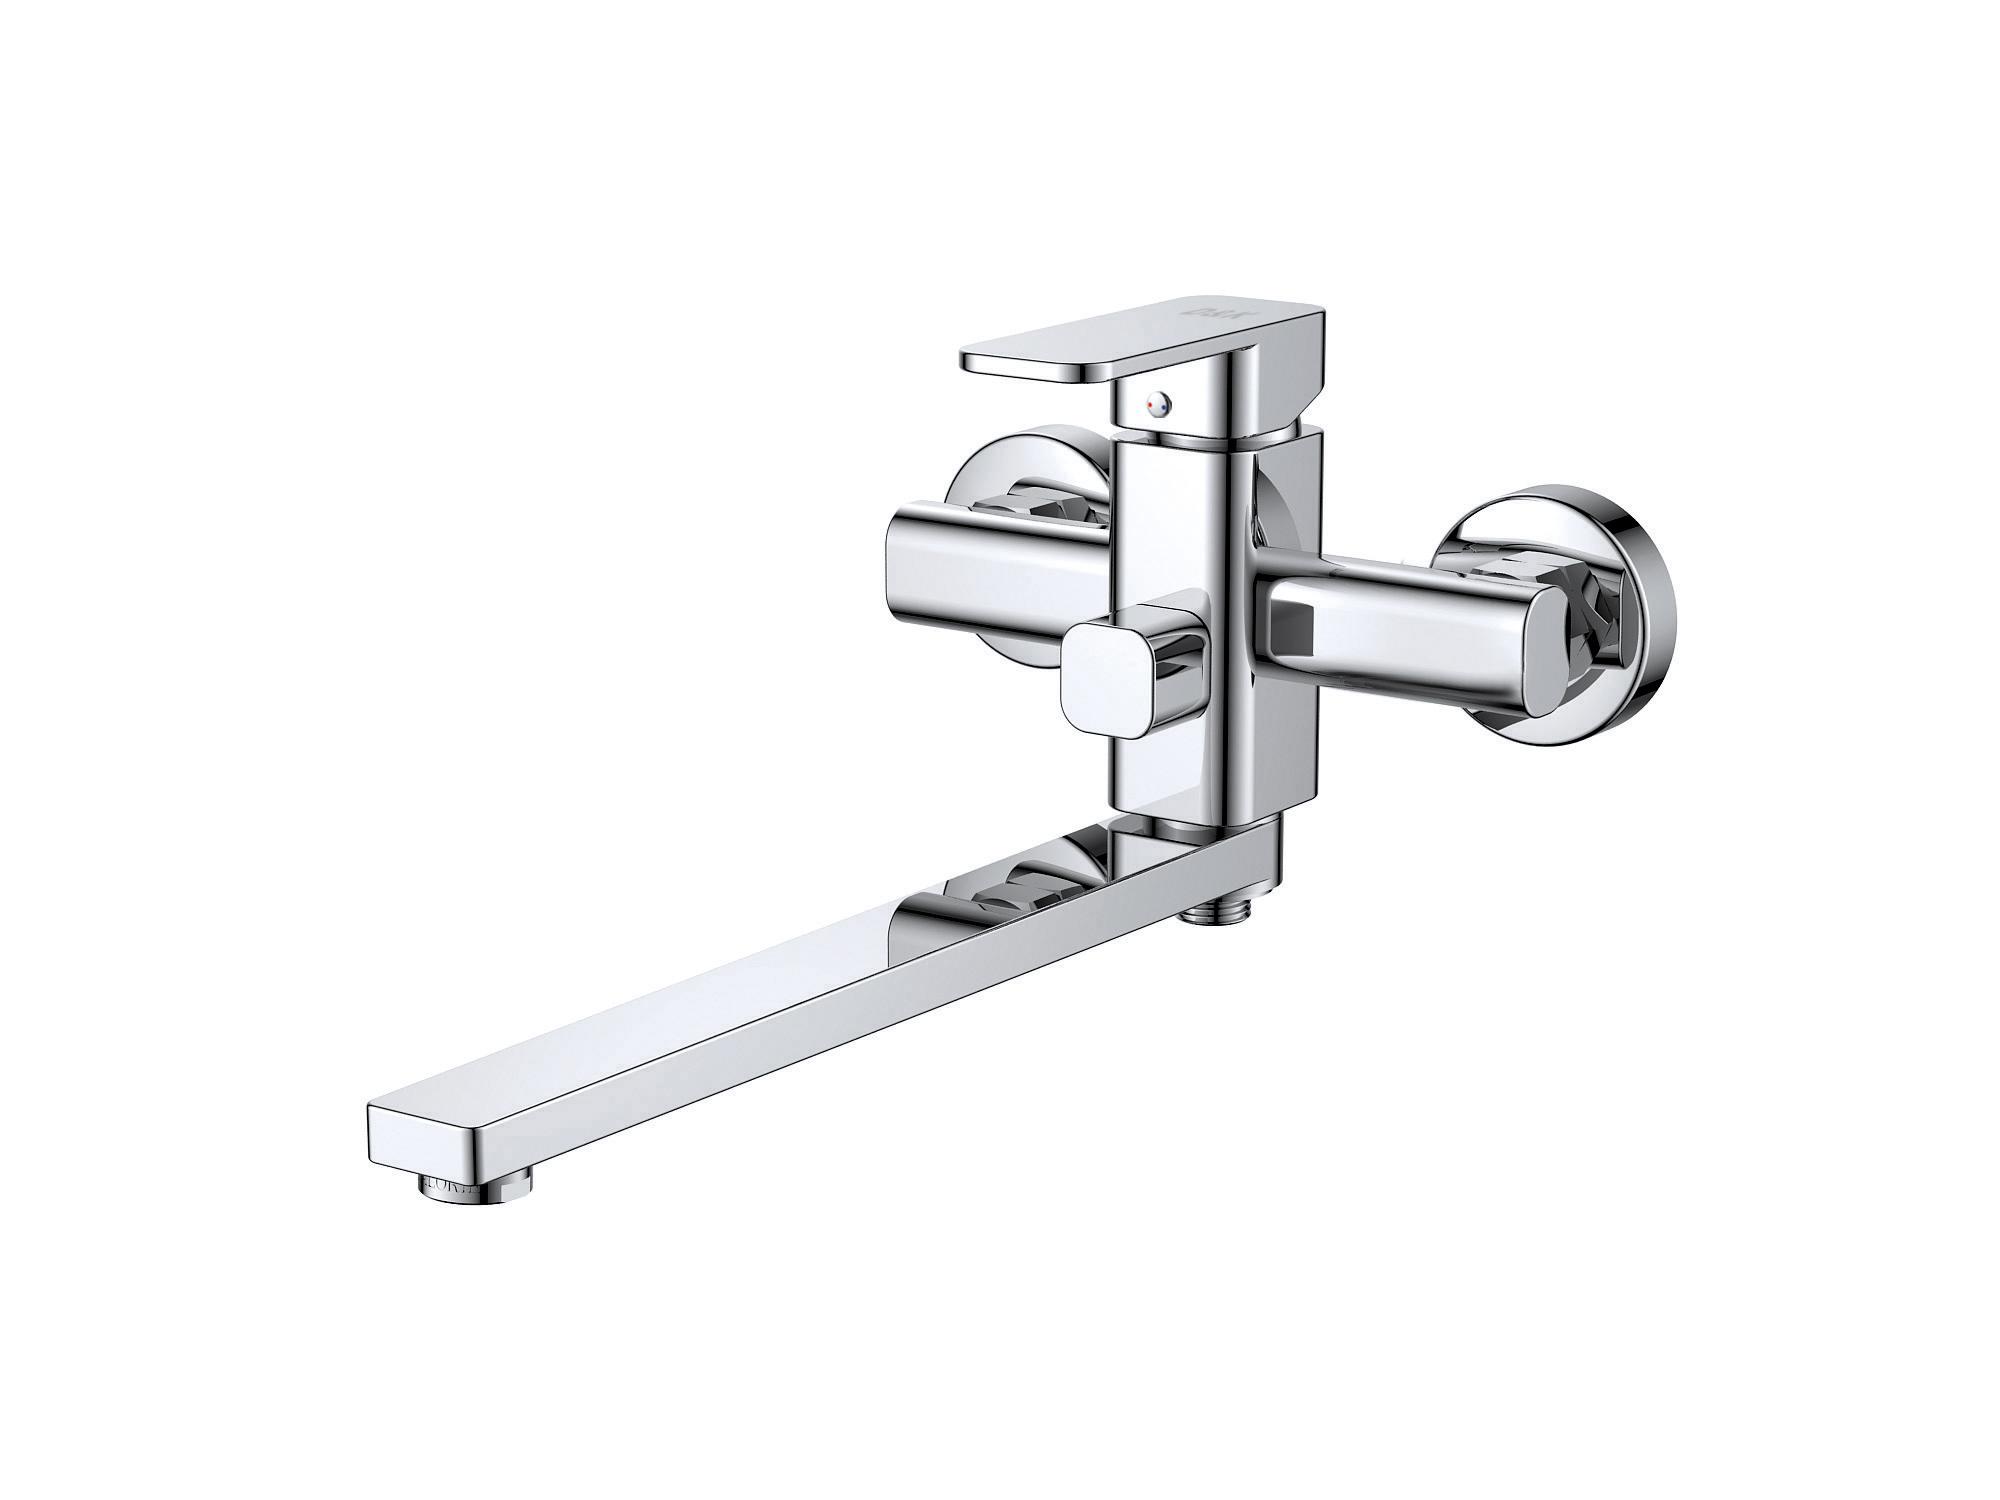 Смеситель для ванны с душем D&K Rhein.Altportel DA1333301 длинный излив хром